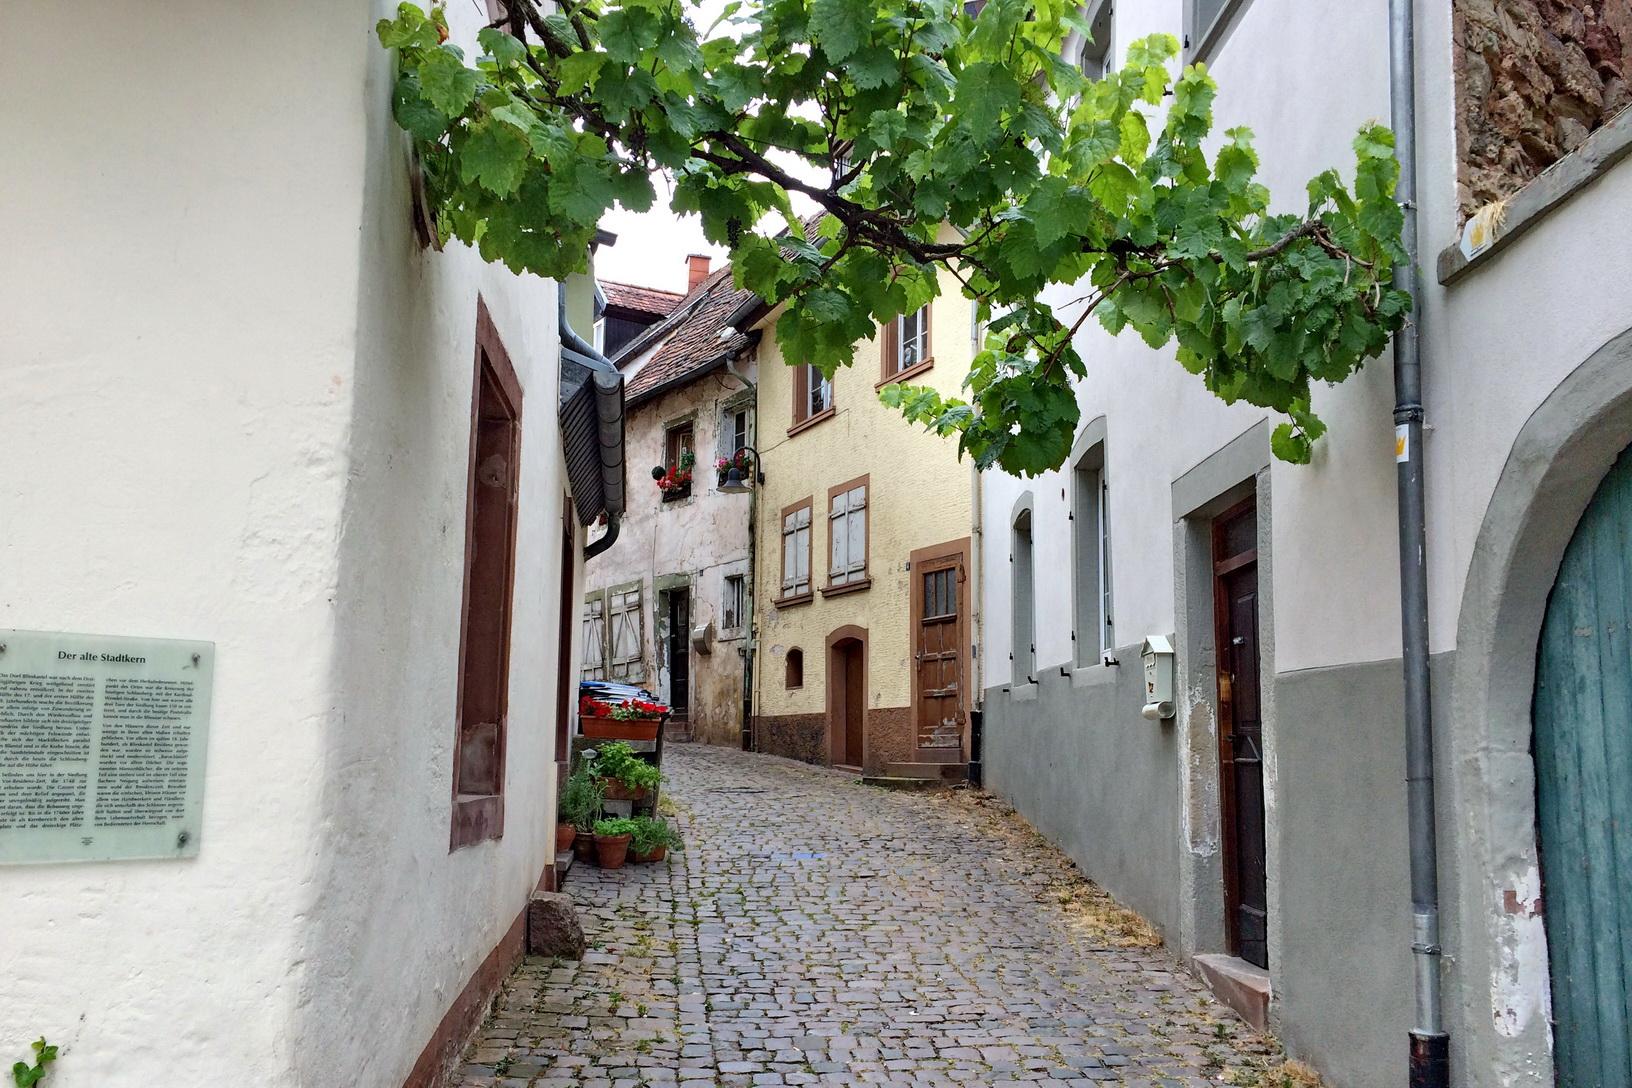 Barocke Altstadt in Blieskastel